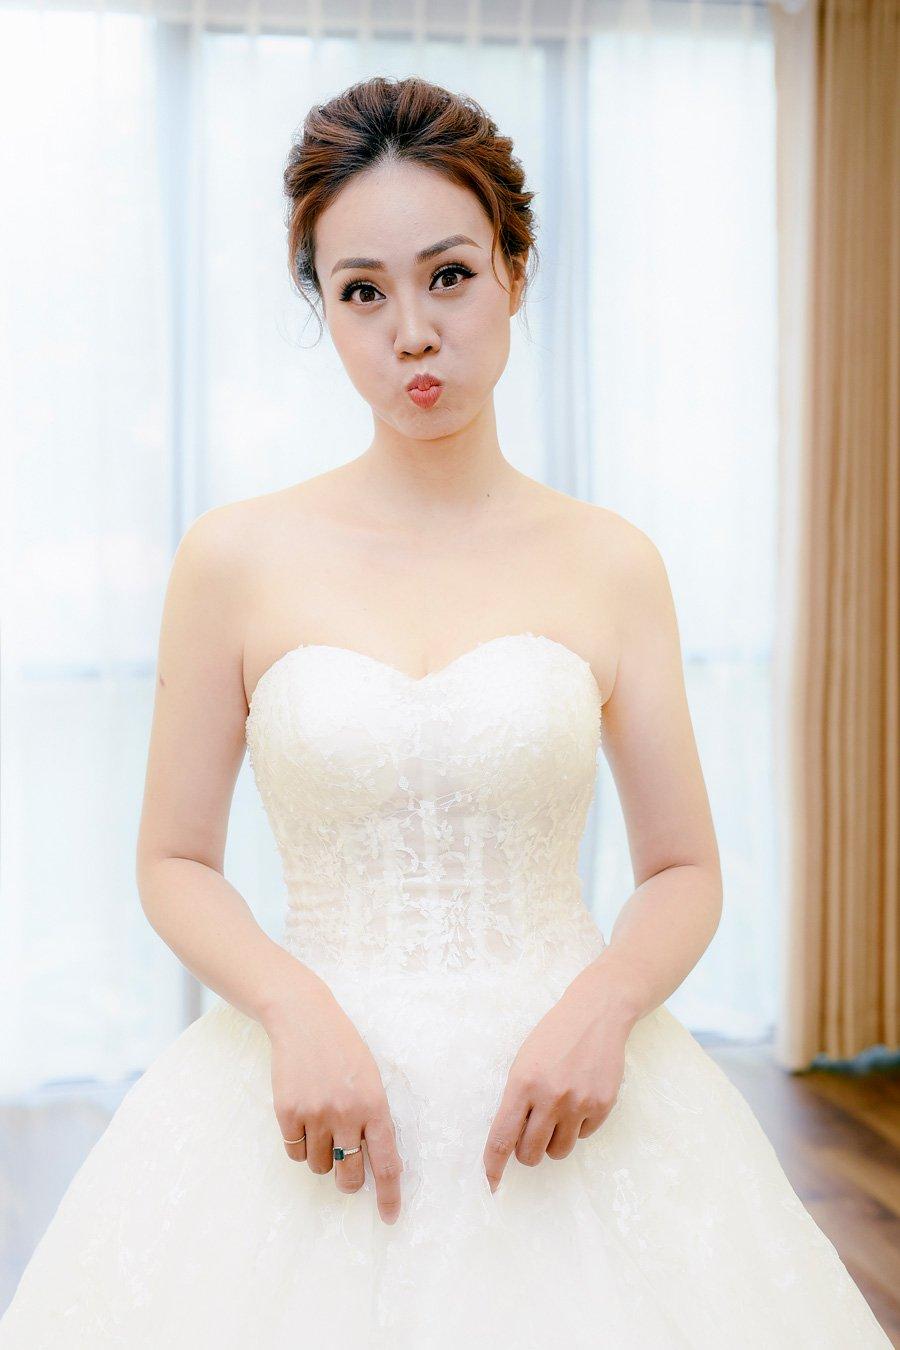 Bạn gái Công Lý đi chụp ảnh váy cưới, dân mạng xôn xao mong đợi tin vui - Ảnh 8